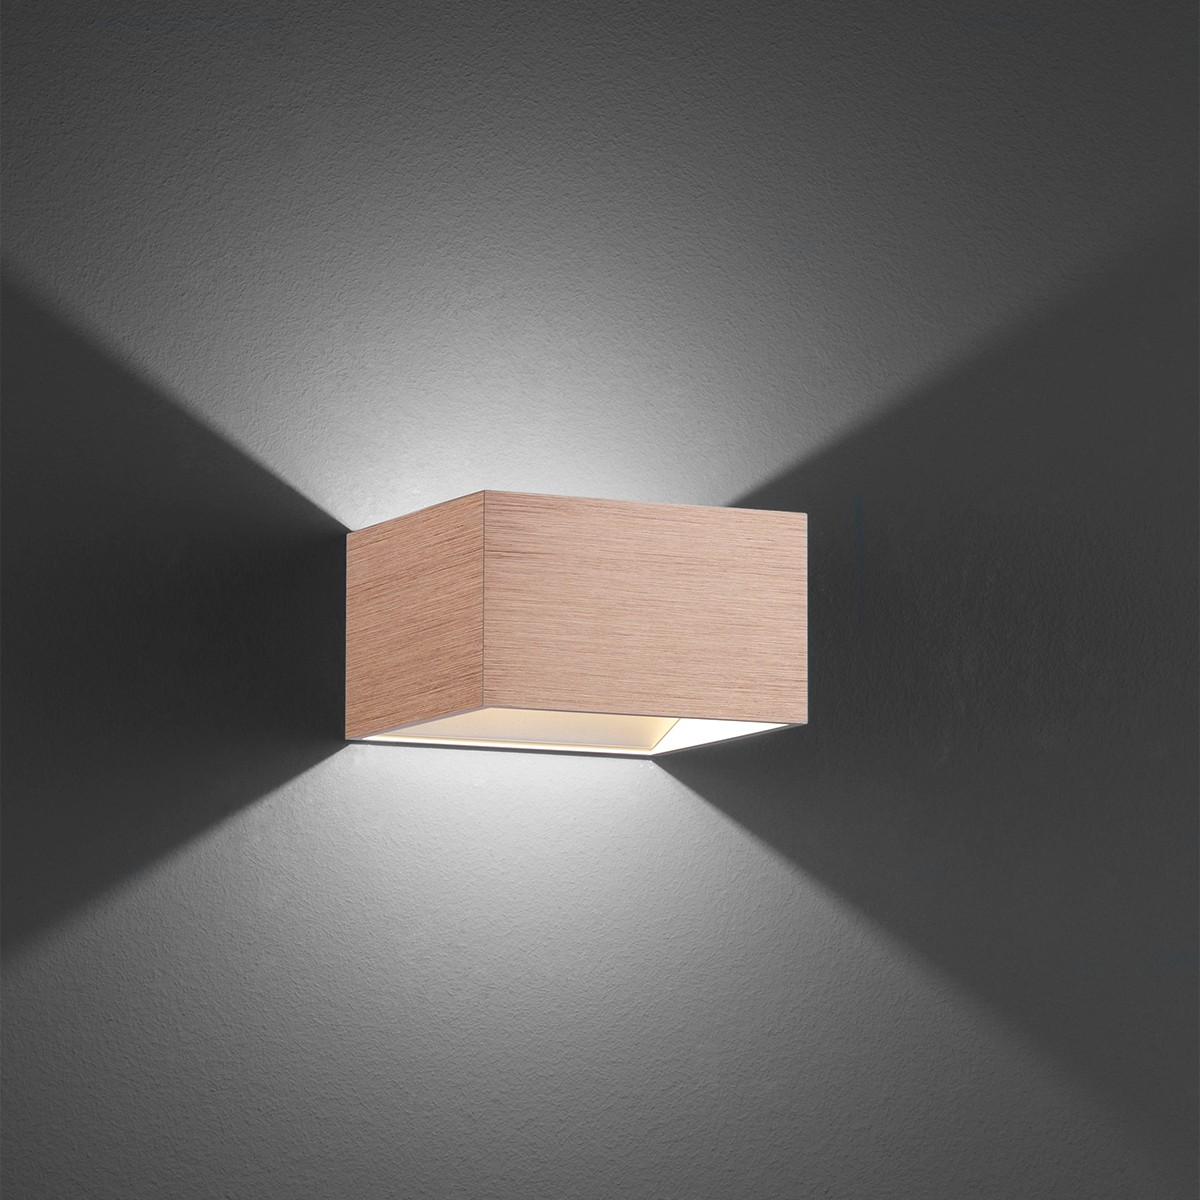 B-Leuchten Cube Wandleuchte, Roségold eloxiert